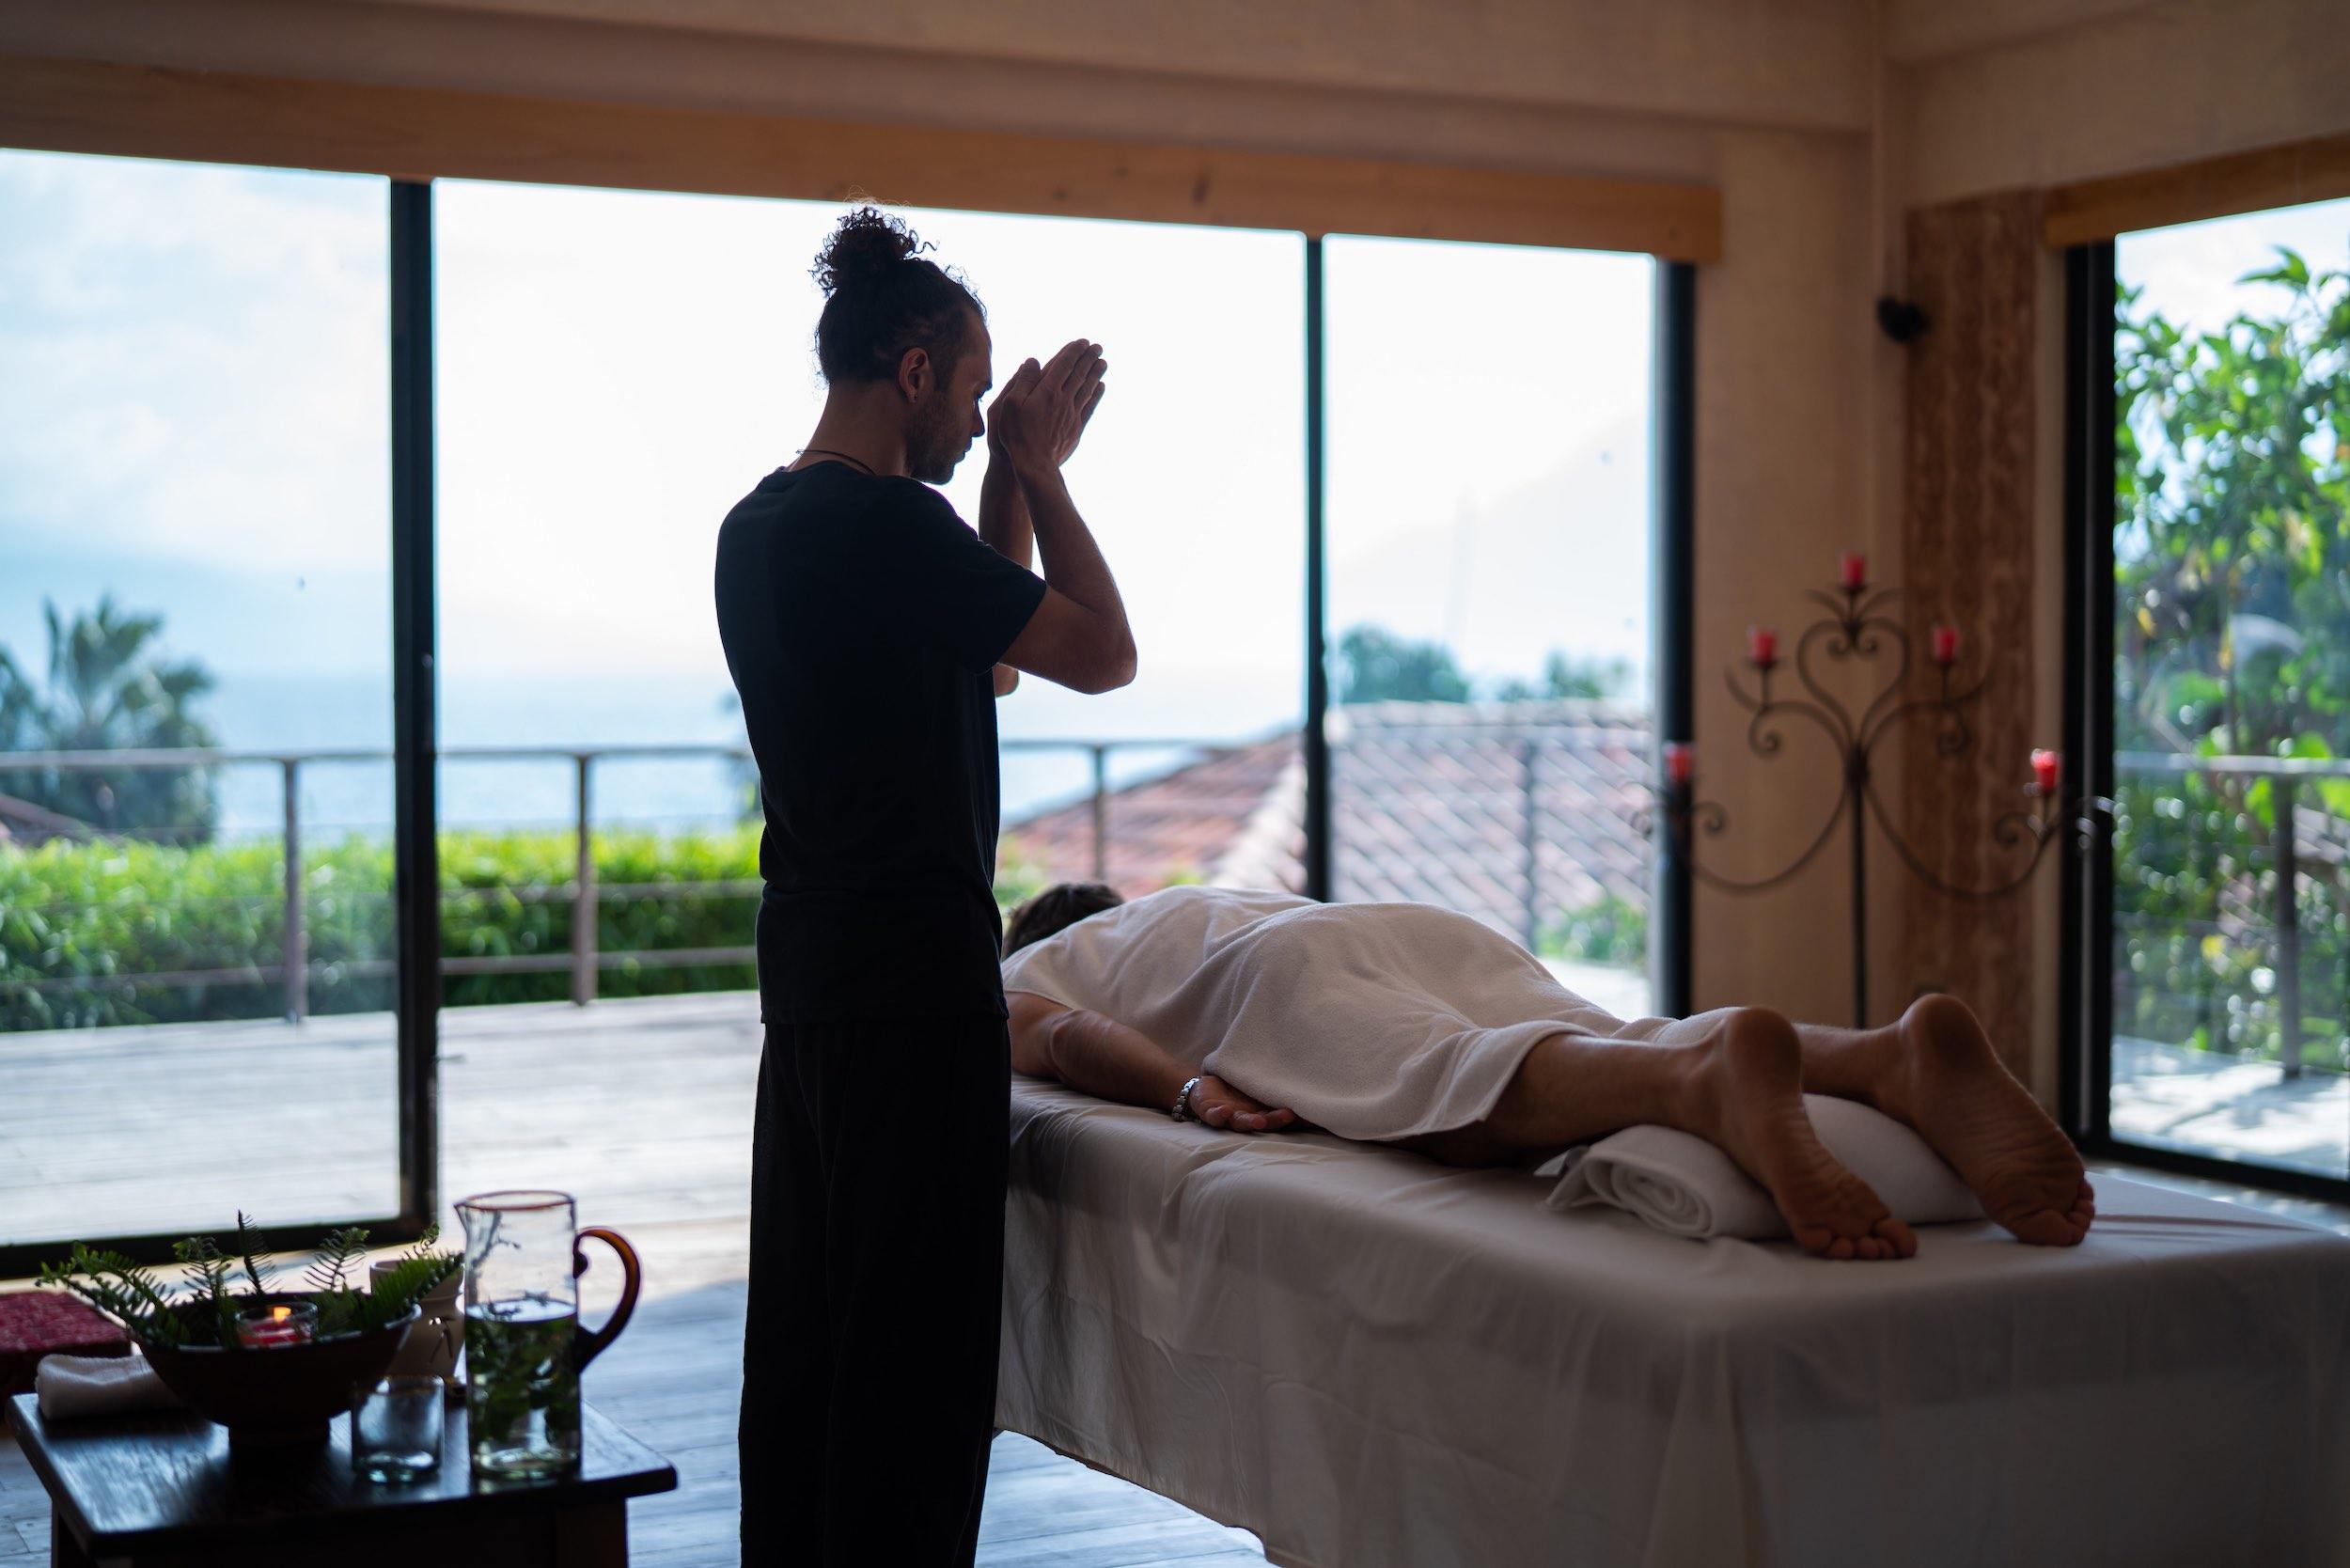 PRANA BIENESTAR - PRANA WELLNESSOfrece una variedad de tratamientos.Relájese con nuestro masaje de rejuvenecimiento con nuestros aceites naturales.Después de un día de aventuras o un viaje agotador, nuestras terapias de masaje pueden restaurar los músculos cansados y poner su mente a descansar